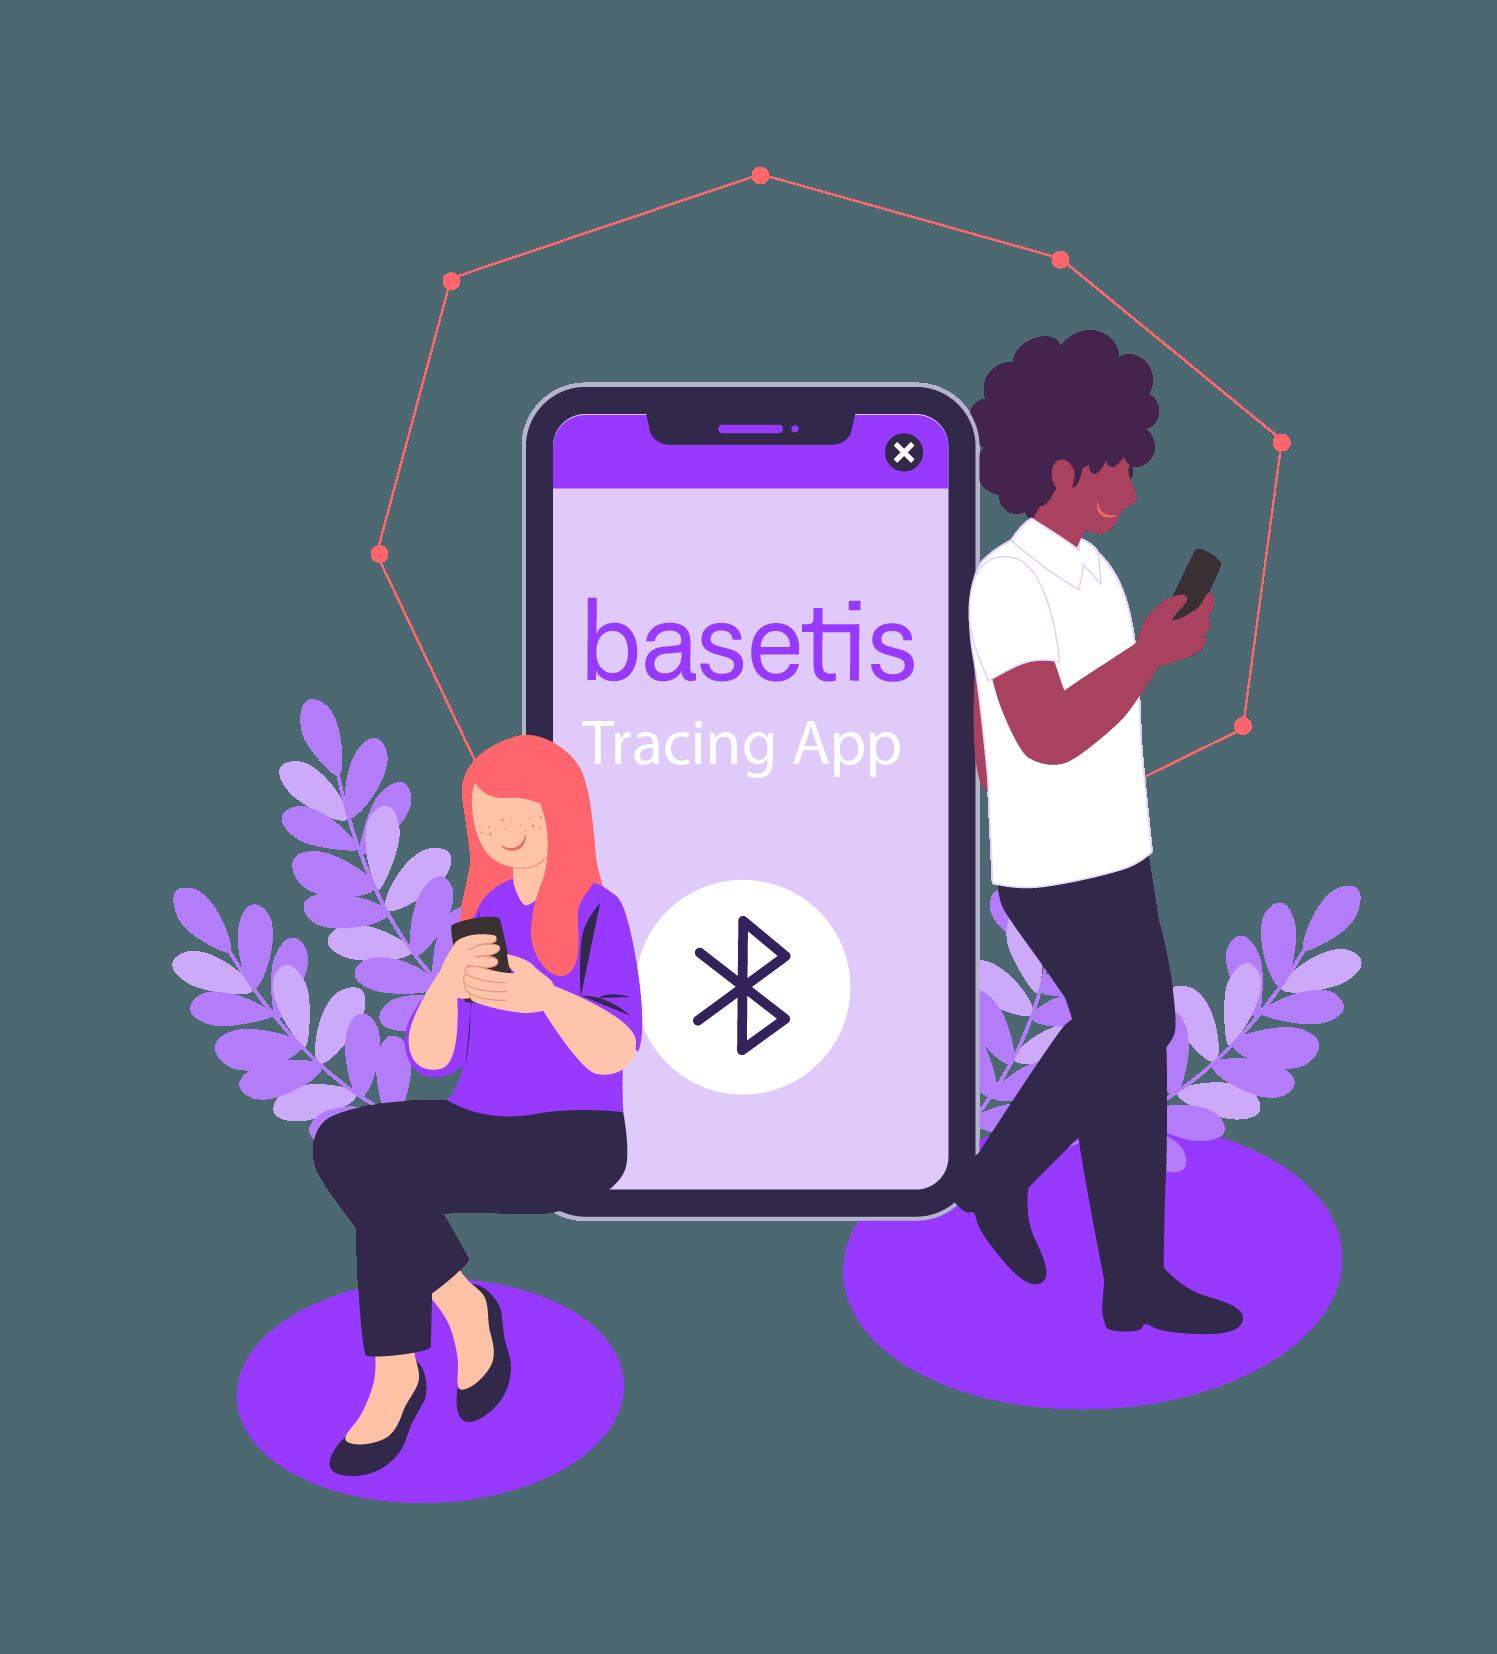 app de rastreo de personas que hayan estado en contacto con un caso de covid-19, Basetis Tracing App, siendo usada